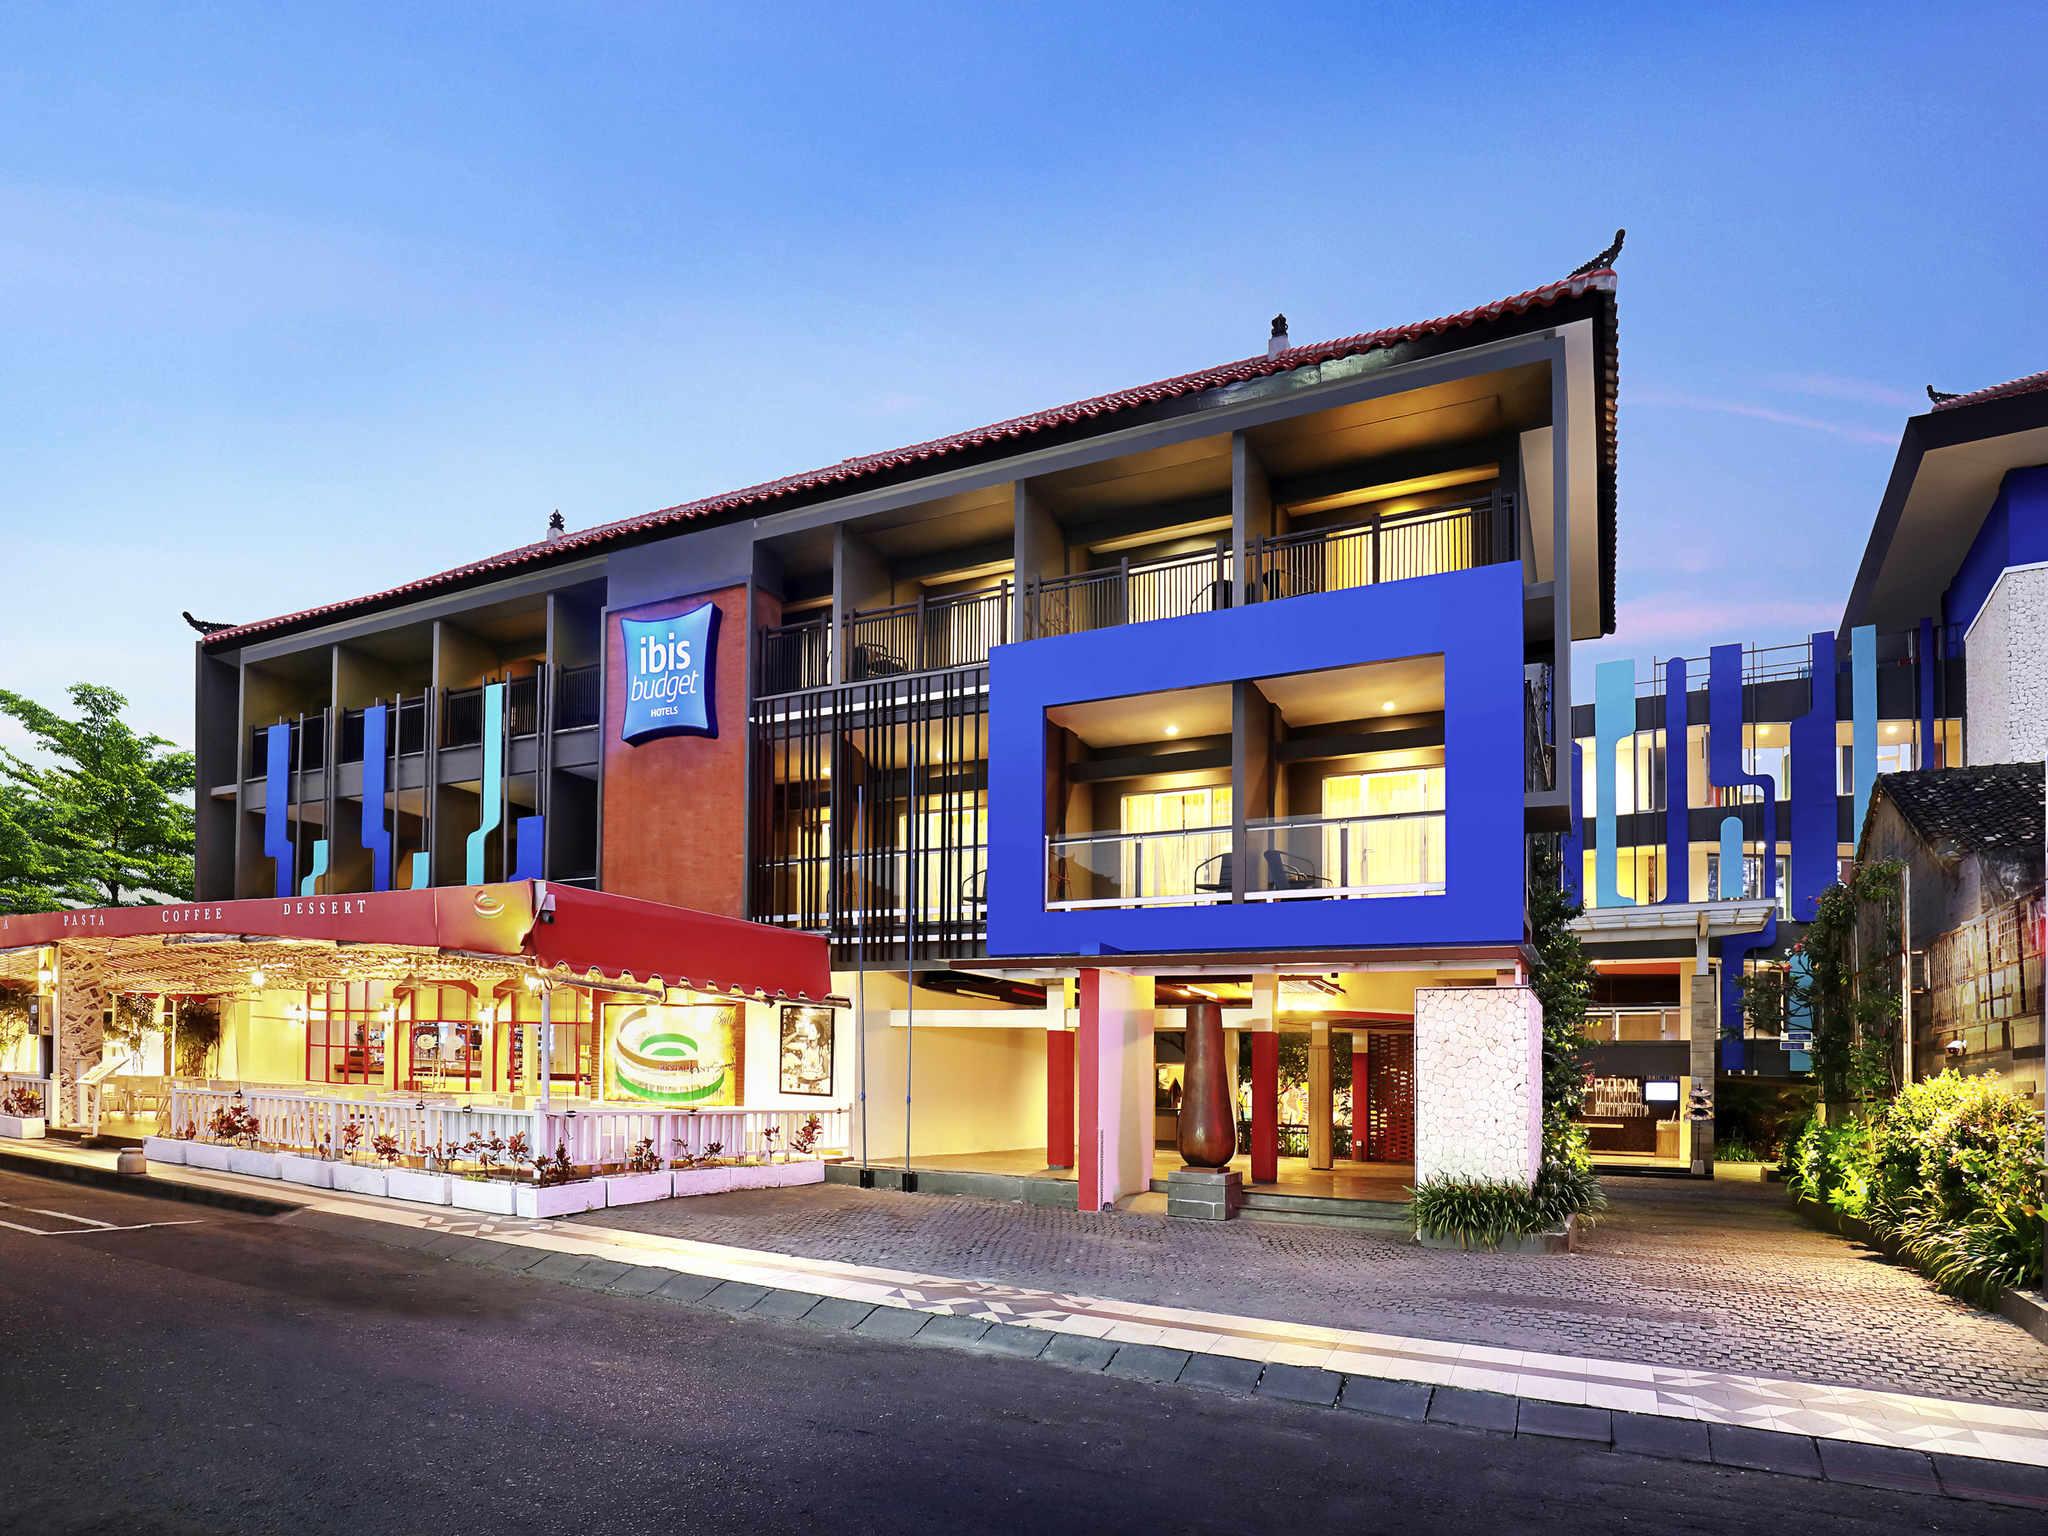 酒店 – 塞米亚克西甲酒店是雅高旗下酒店